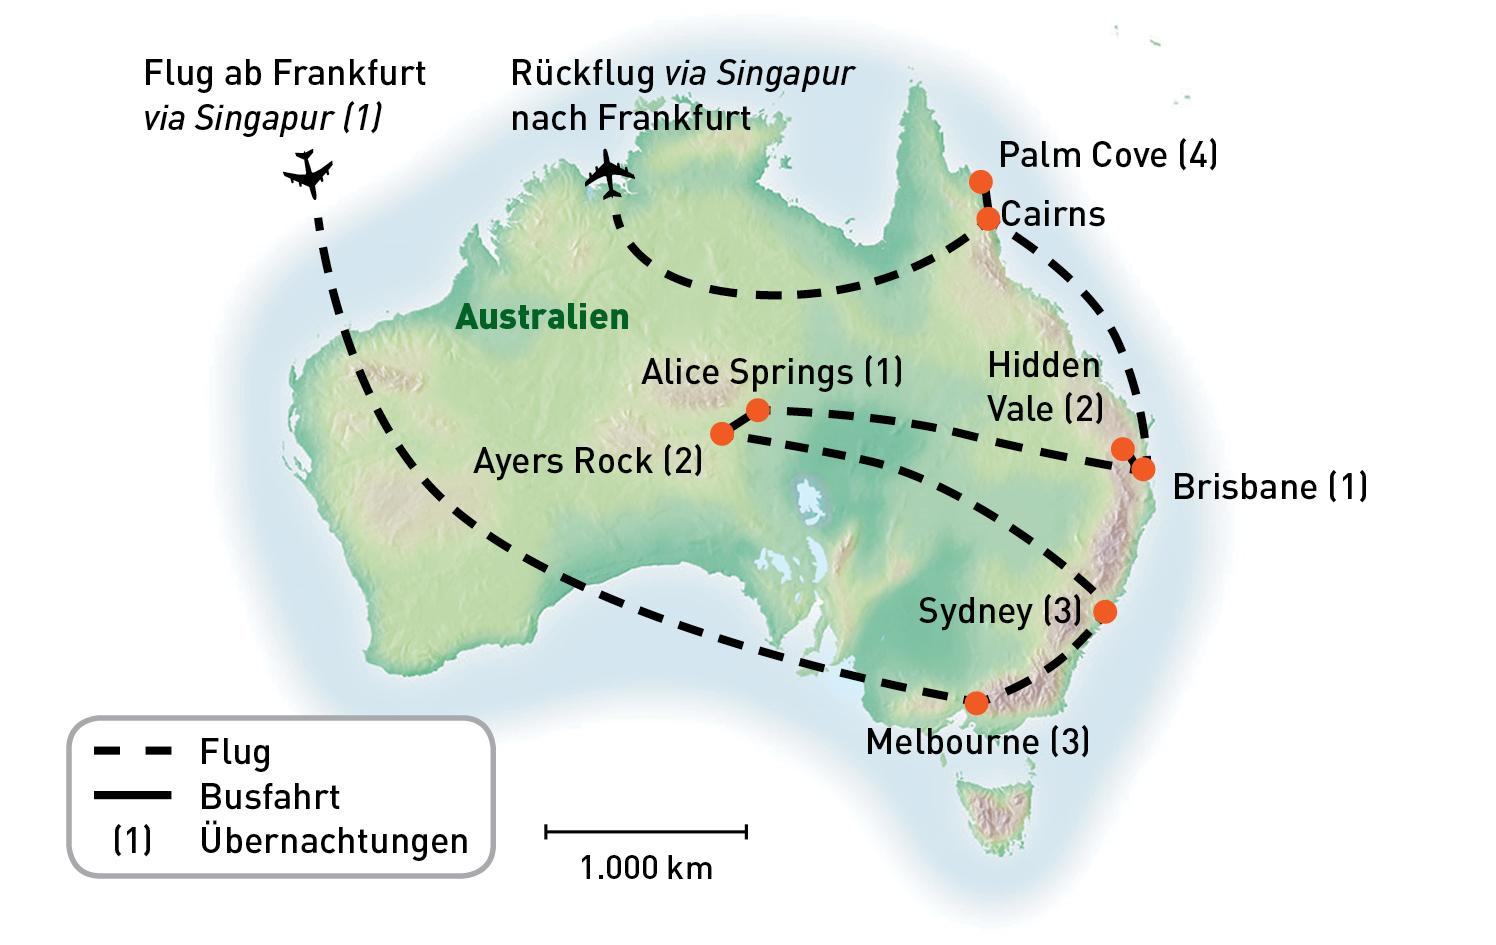 Routenkarte_Australien_DownUnderDeluxe_KiKa2020_RGB